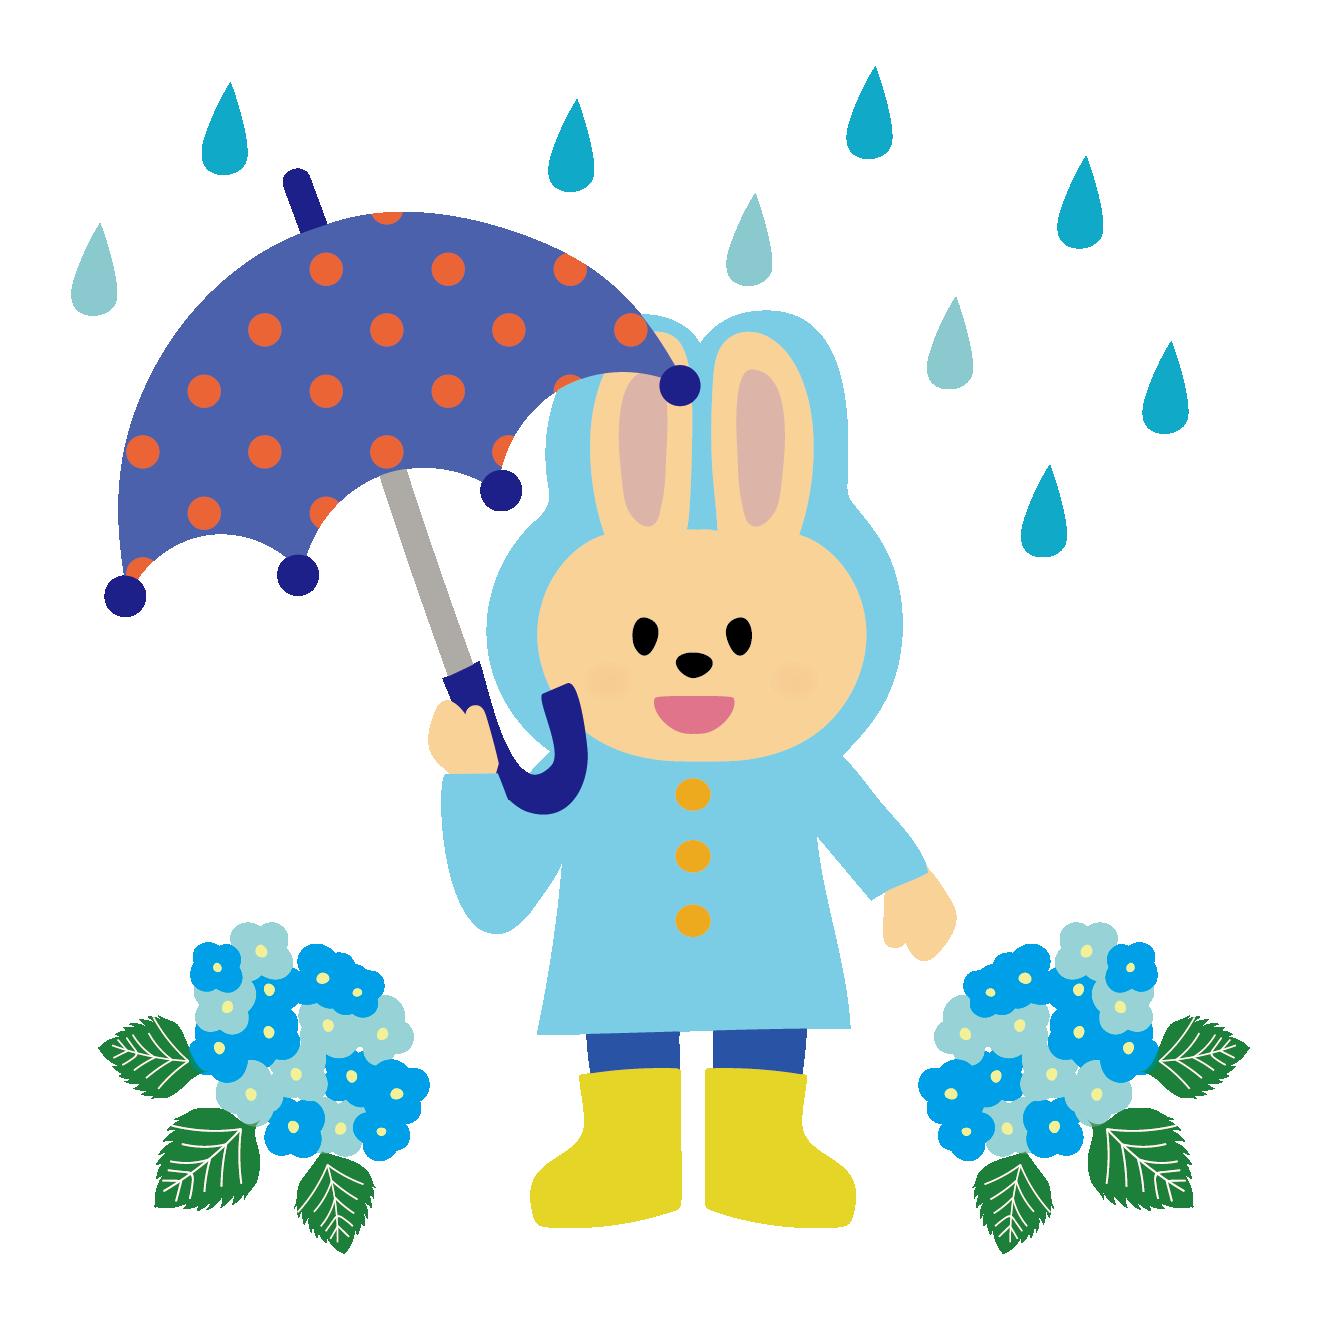 水色のレインコートを着たうさぎのイラスト【梅雨】 | 商用フリー(無料